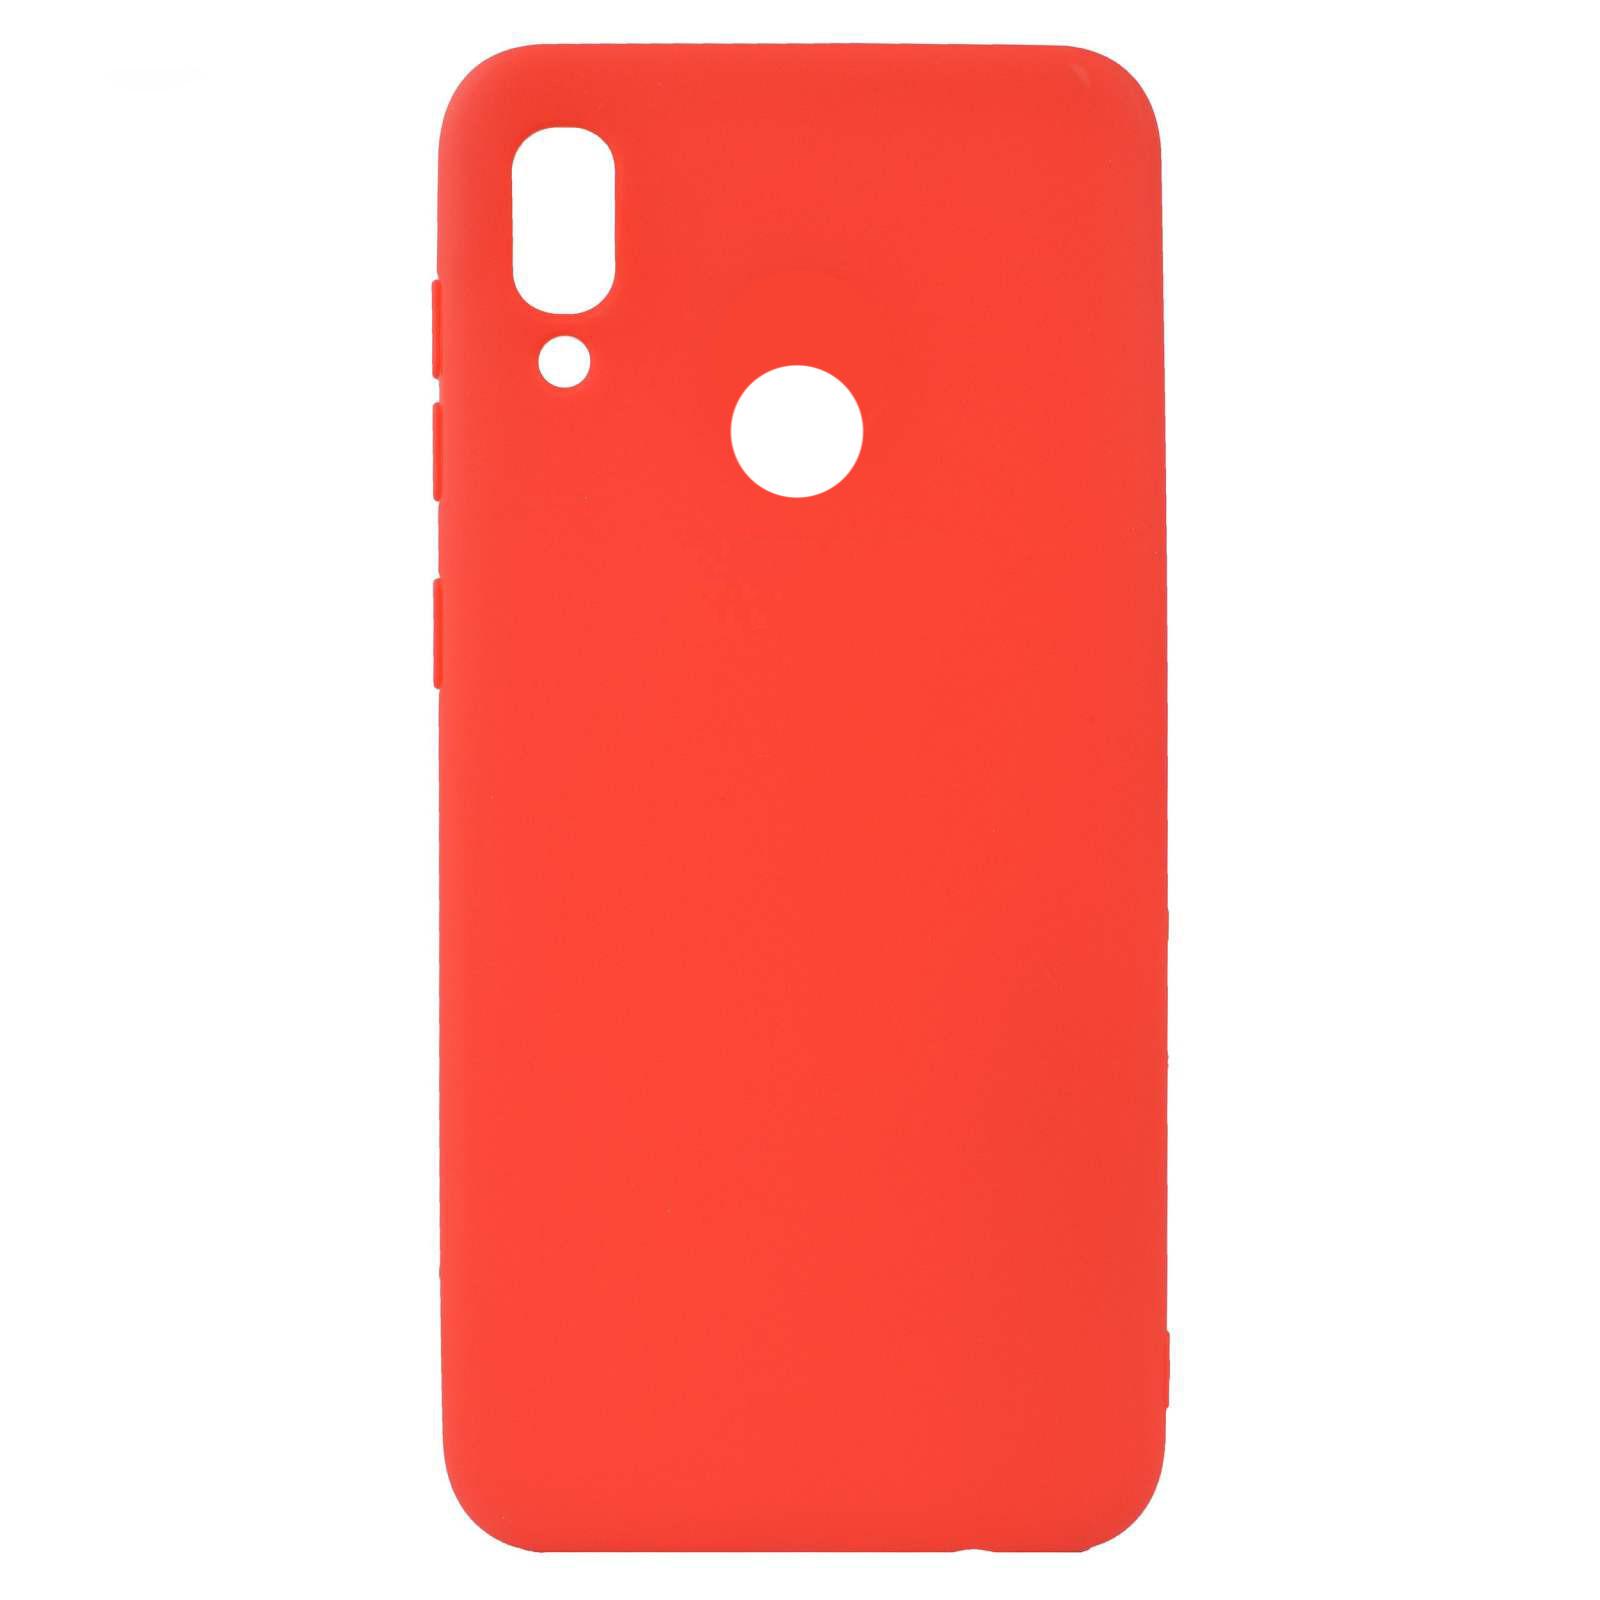 کاور مدل 01 مناسب برای گوشی موبایل هوآوی Y6 Prime 2019 / Y6 2019              ( قیمت و خرید)